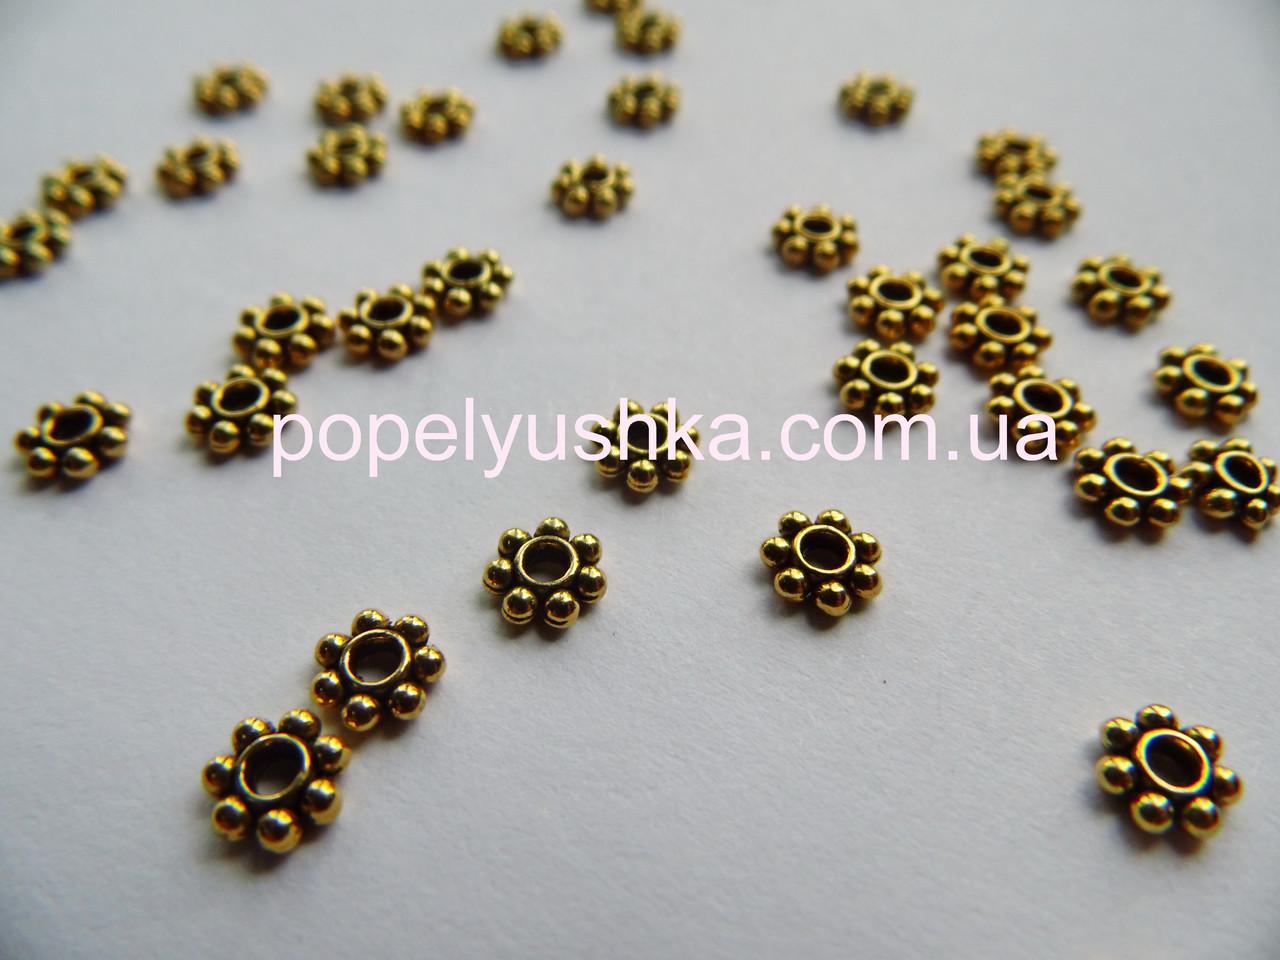 Бусины металлические 6 мм Золото (10 шт)